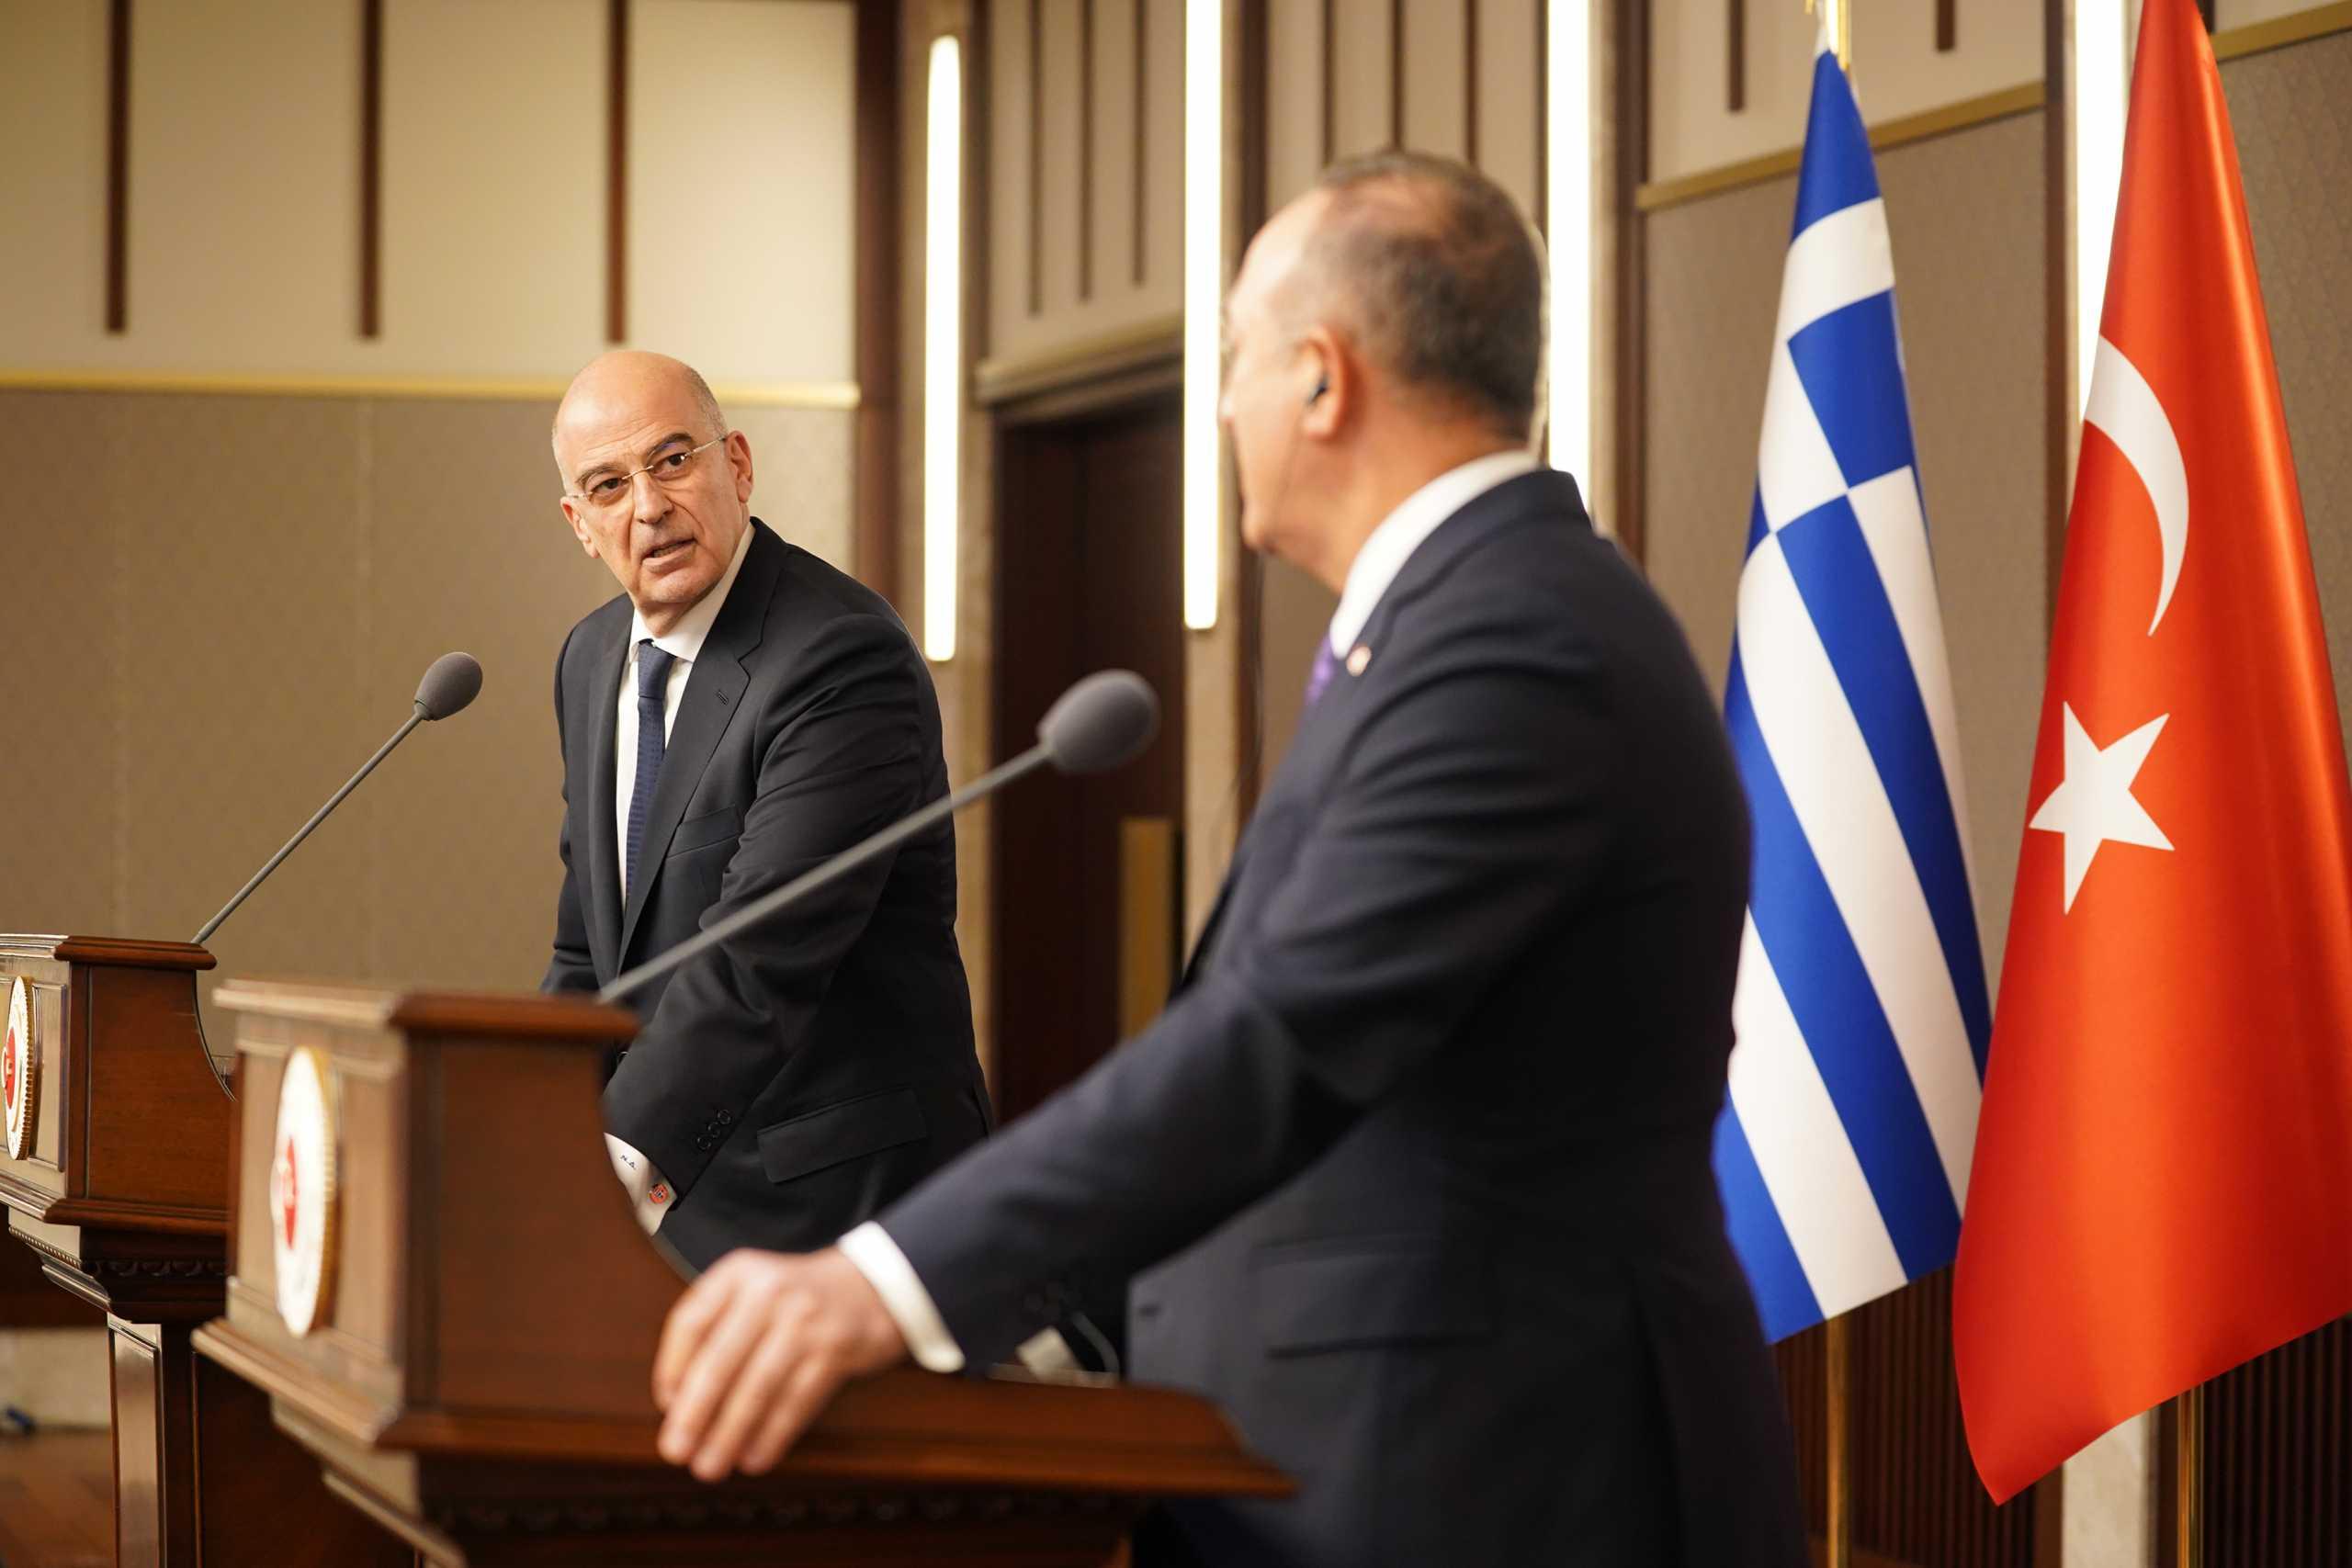 Τρεις ώρες τα έλεγαν στην Καβάλα οι υφυπουργοί εξωτερικών Ελλάδας και Τουρκίας ενόψει της επίσκεψης Τσαβούσογλου